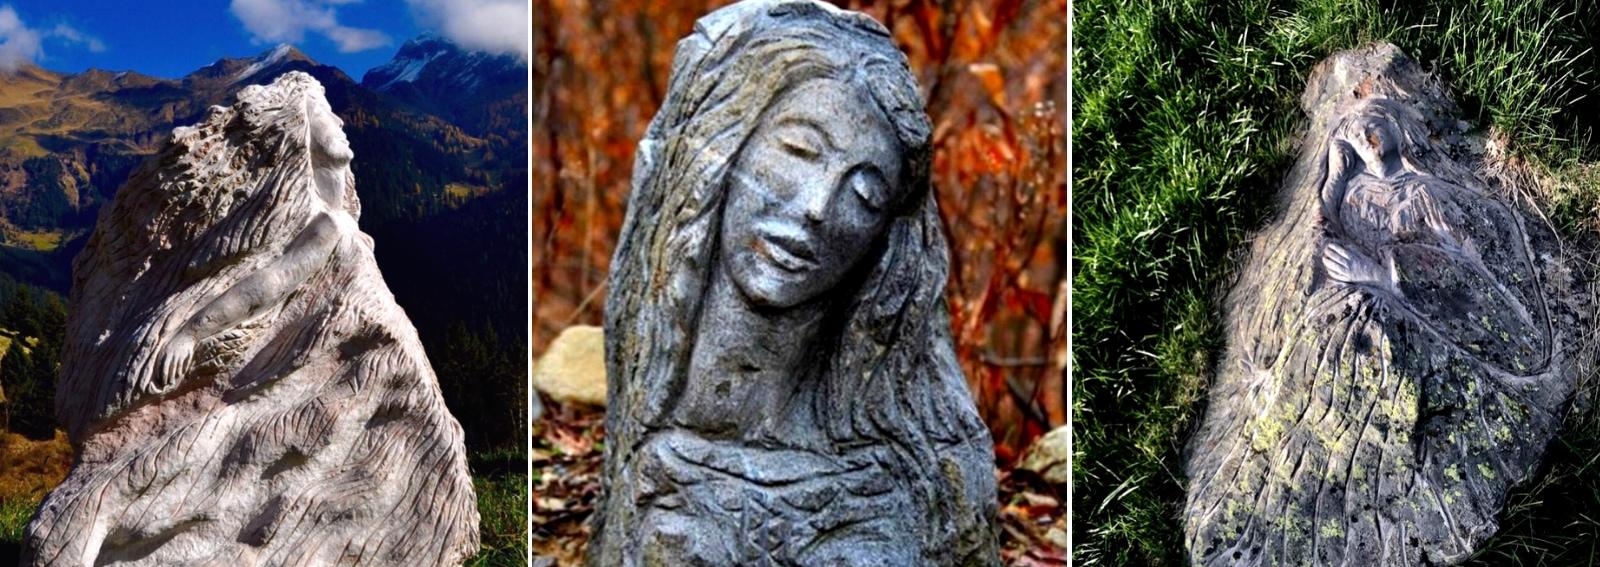 Angelo Fierro sculture nella roccia museo open air Morbegno Val Masino Sondrio Arte scultura DESK